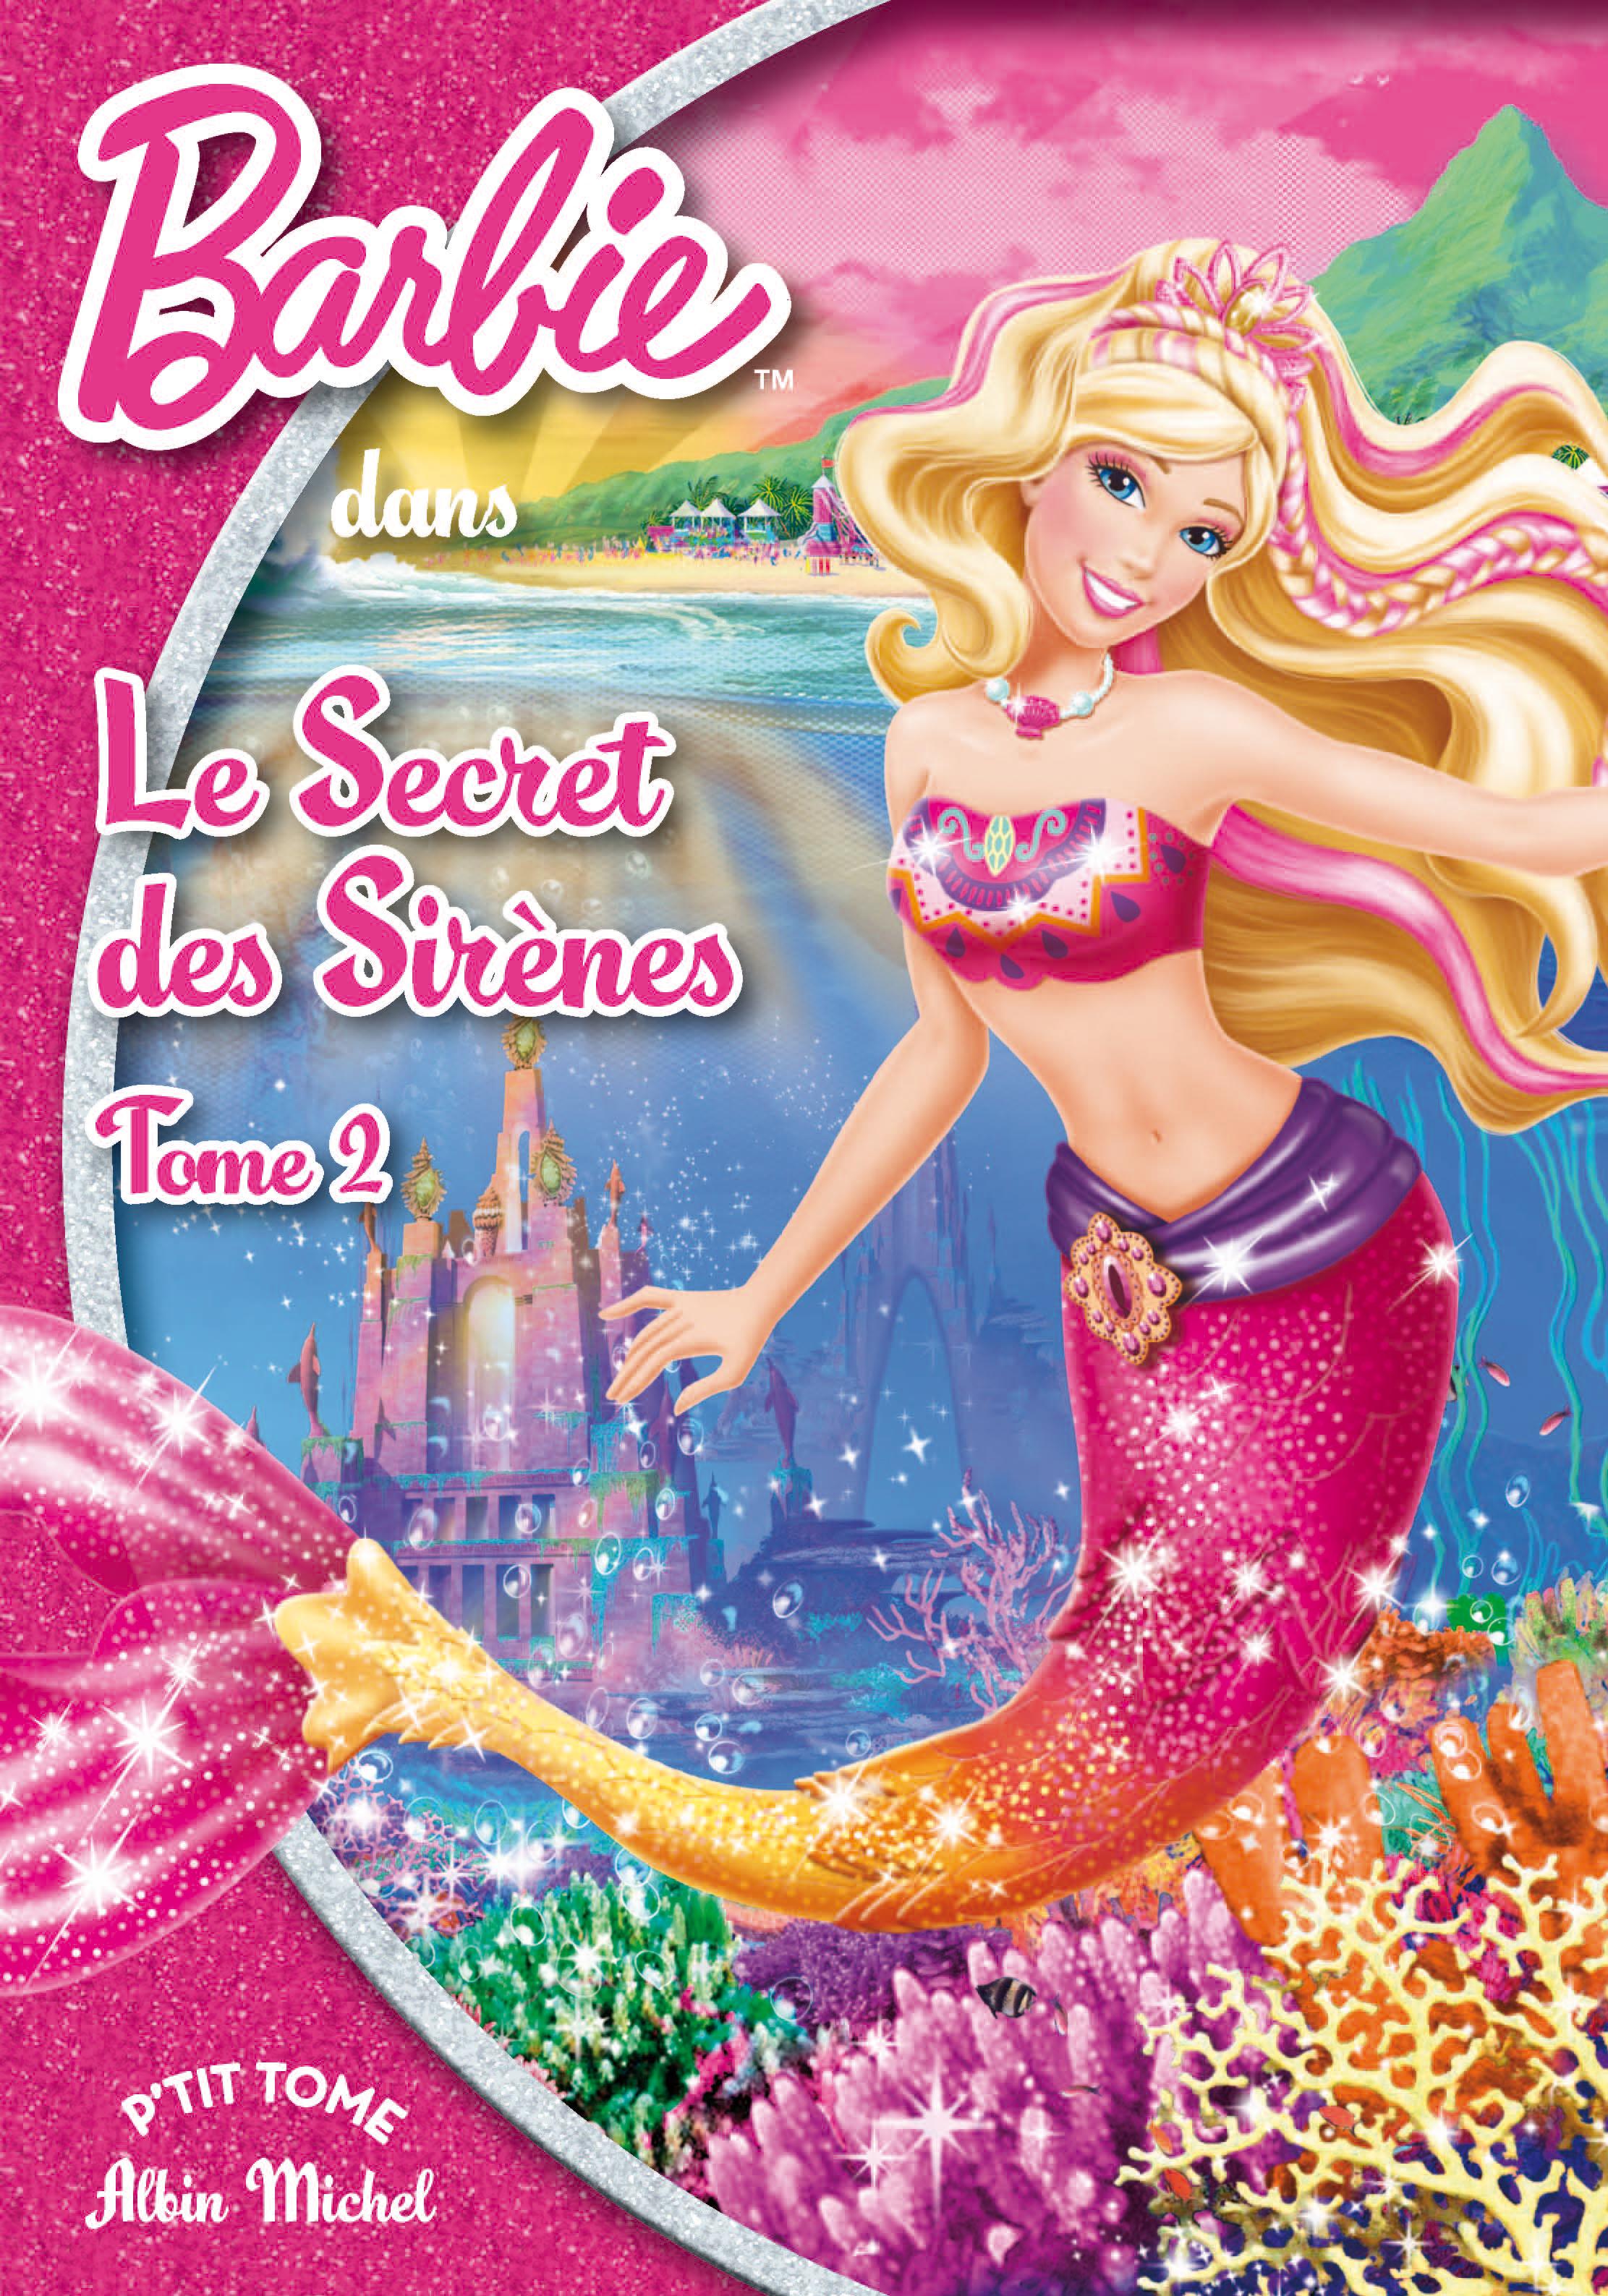 Barbie et le secret des sir nes 2 film cin sanctuary - Barbie secret des sirenes 2 ...